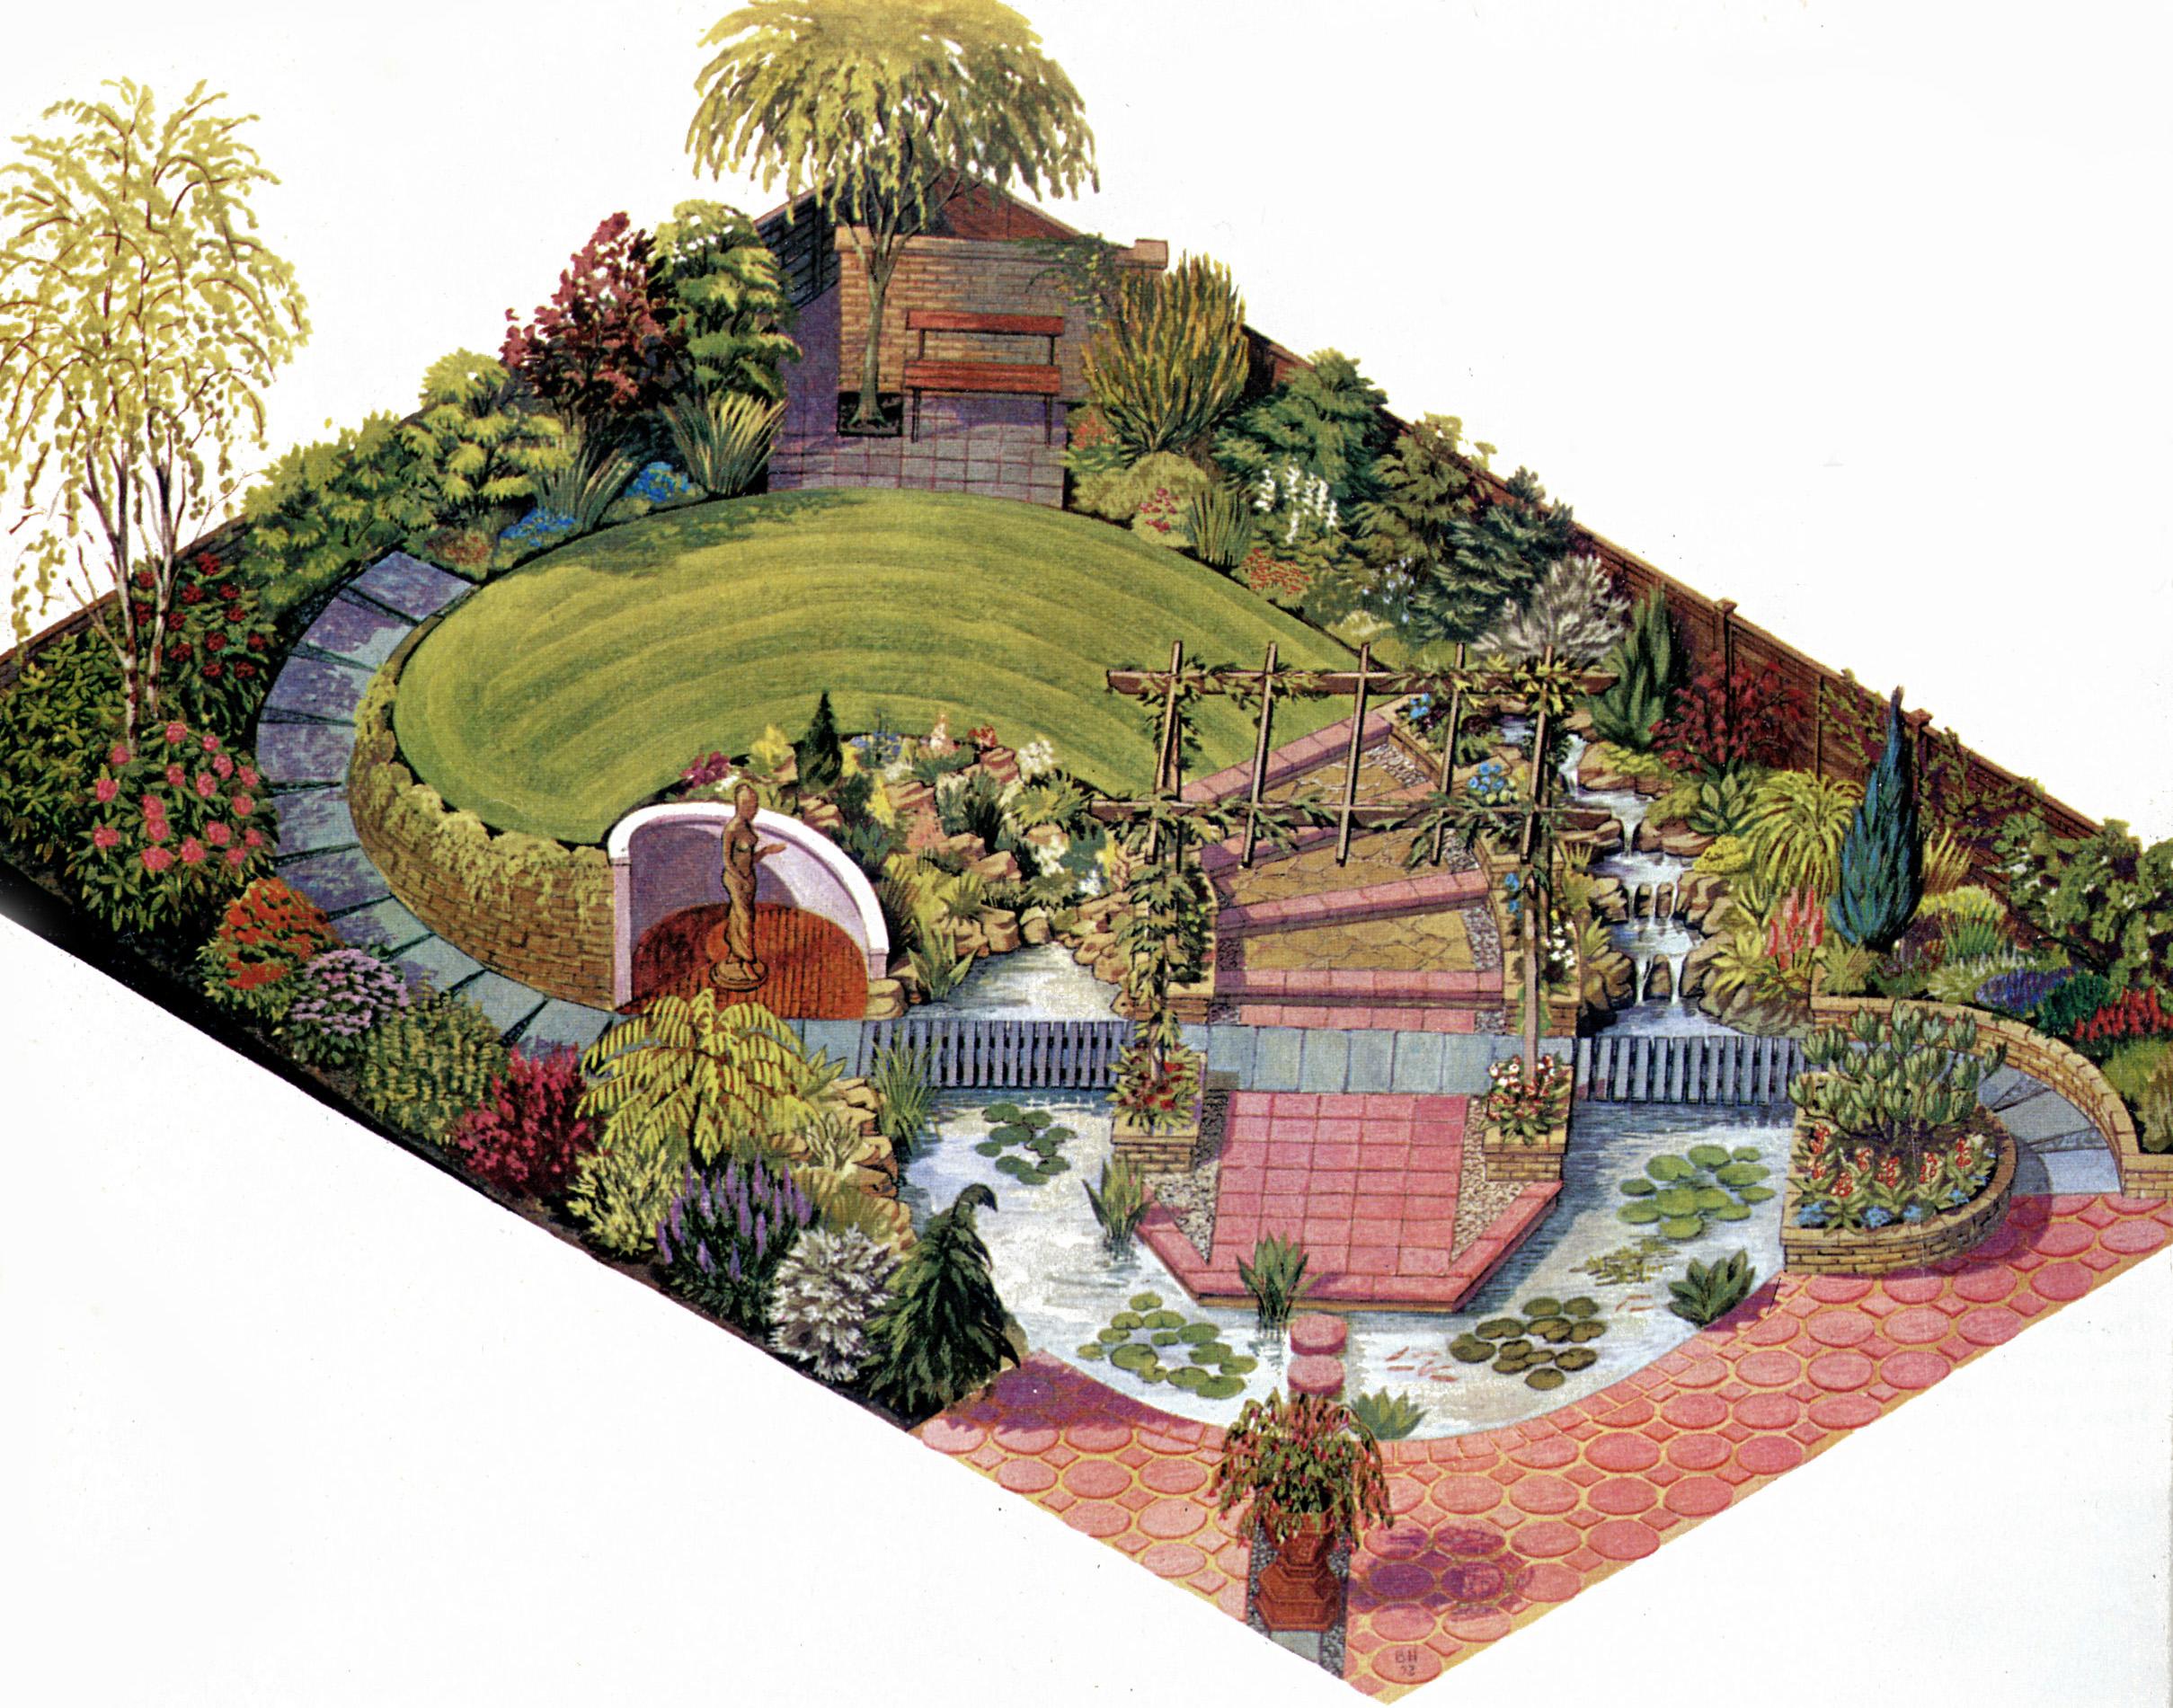 garden visual.jpg